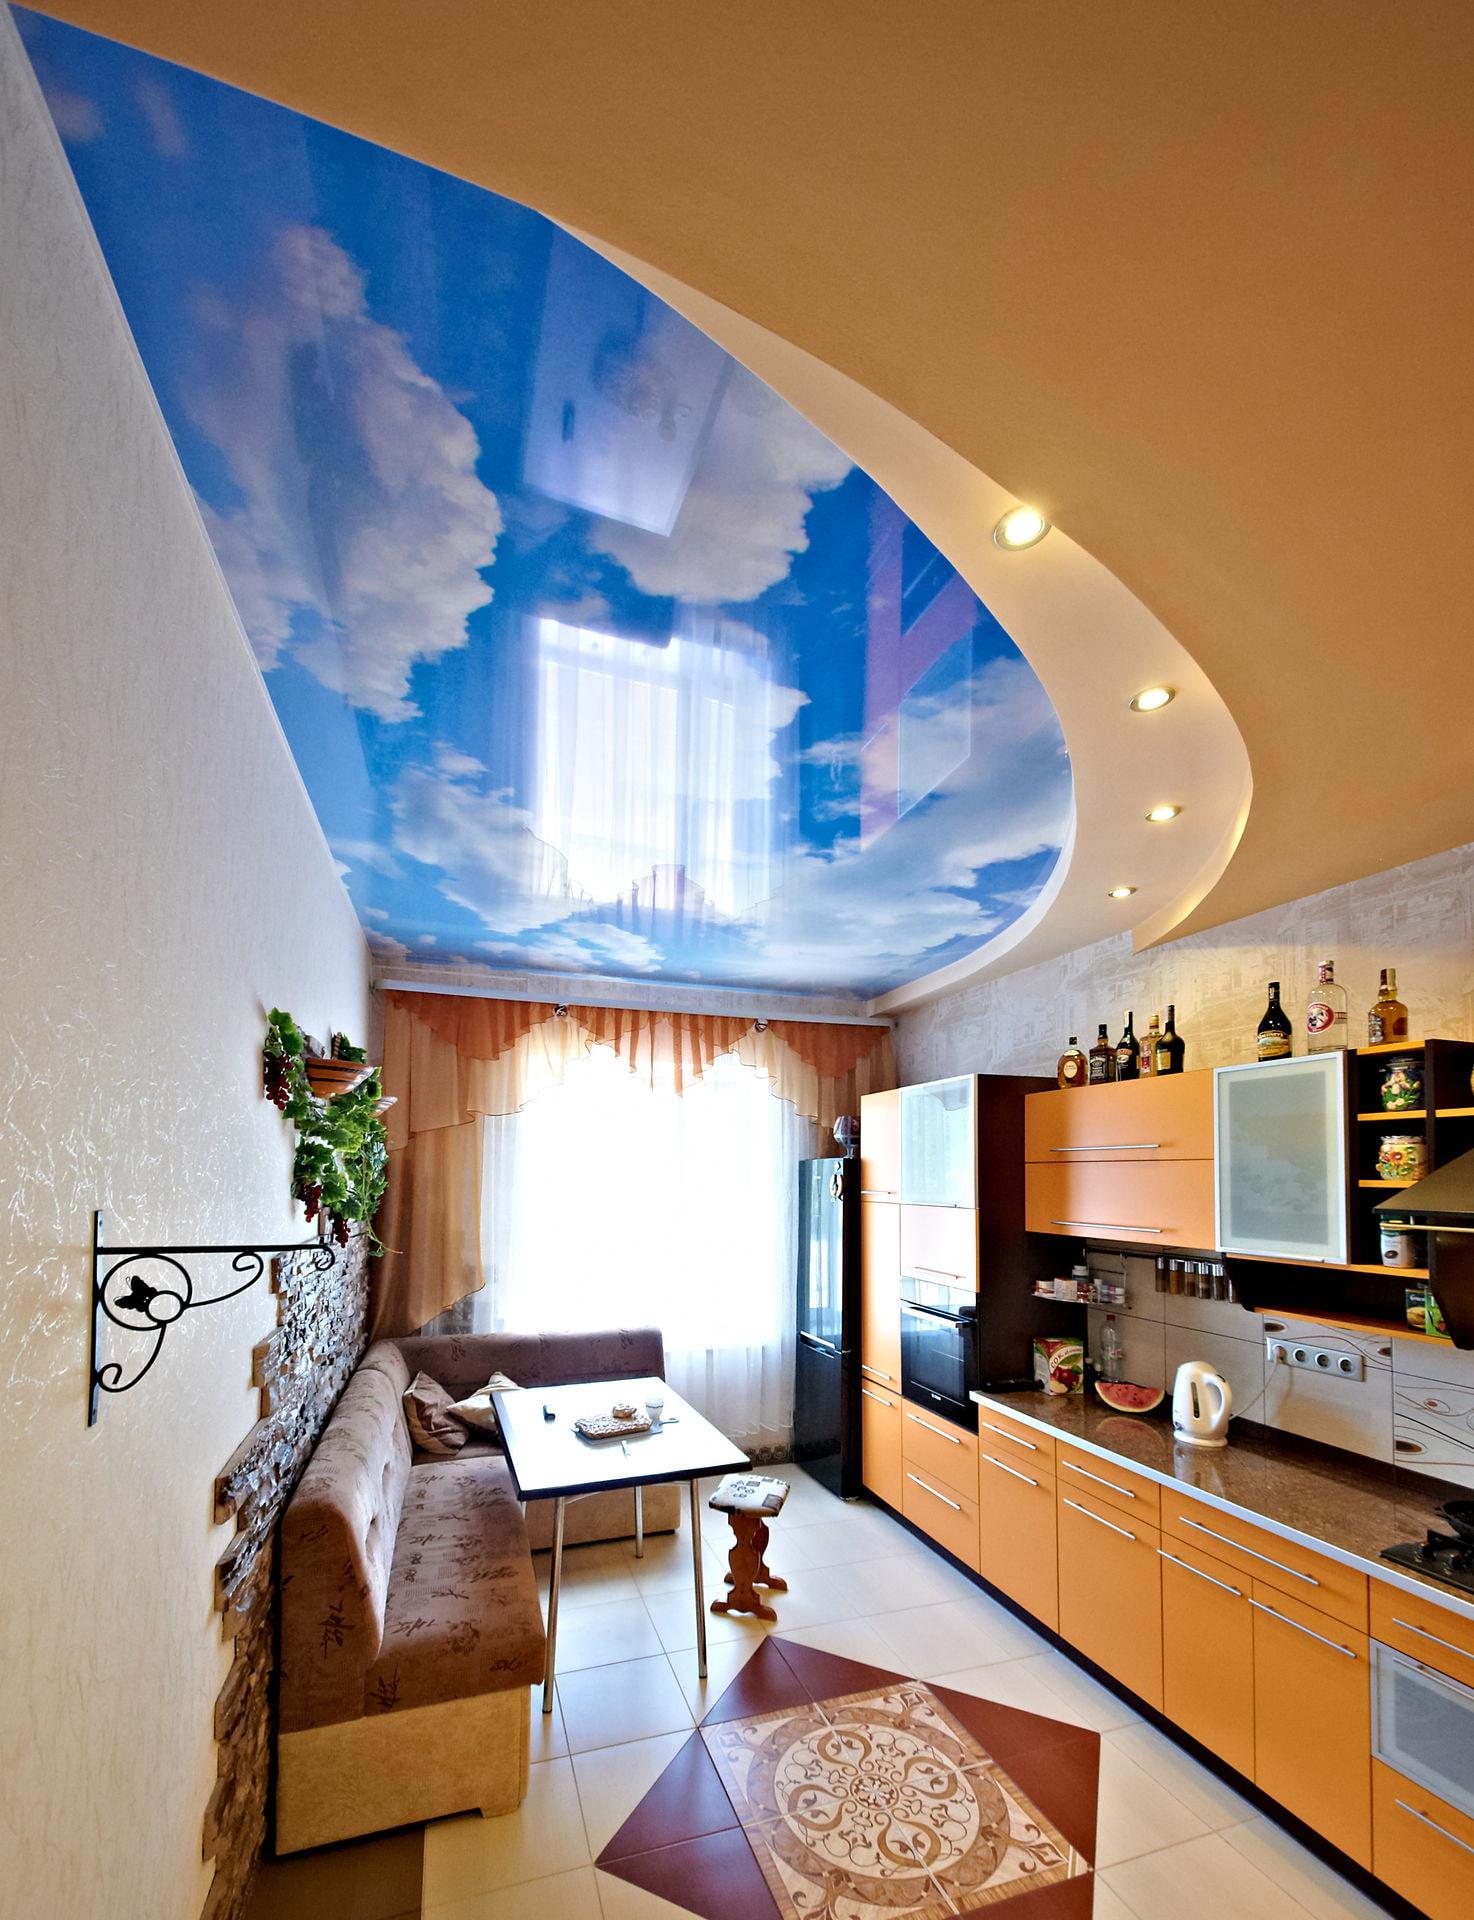 качество натяжные потолки на кухне с облаками фото появится